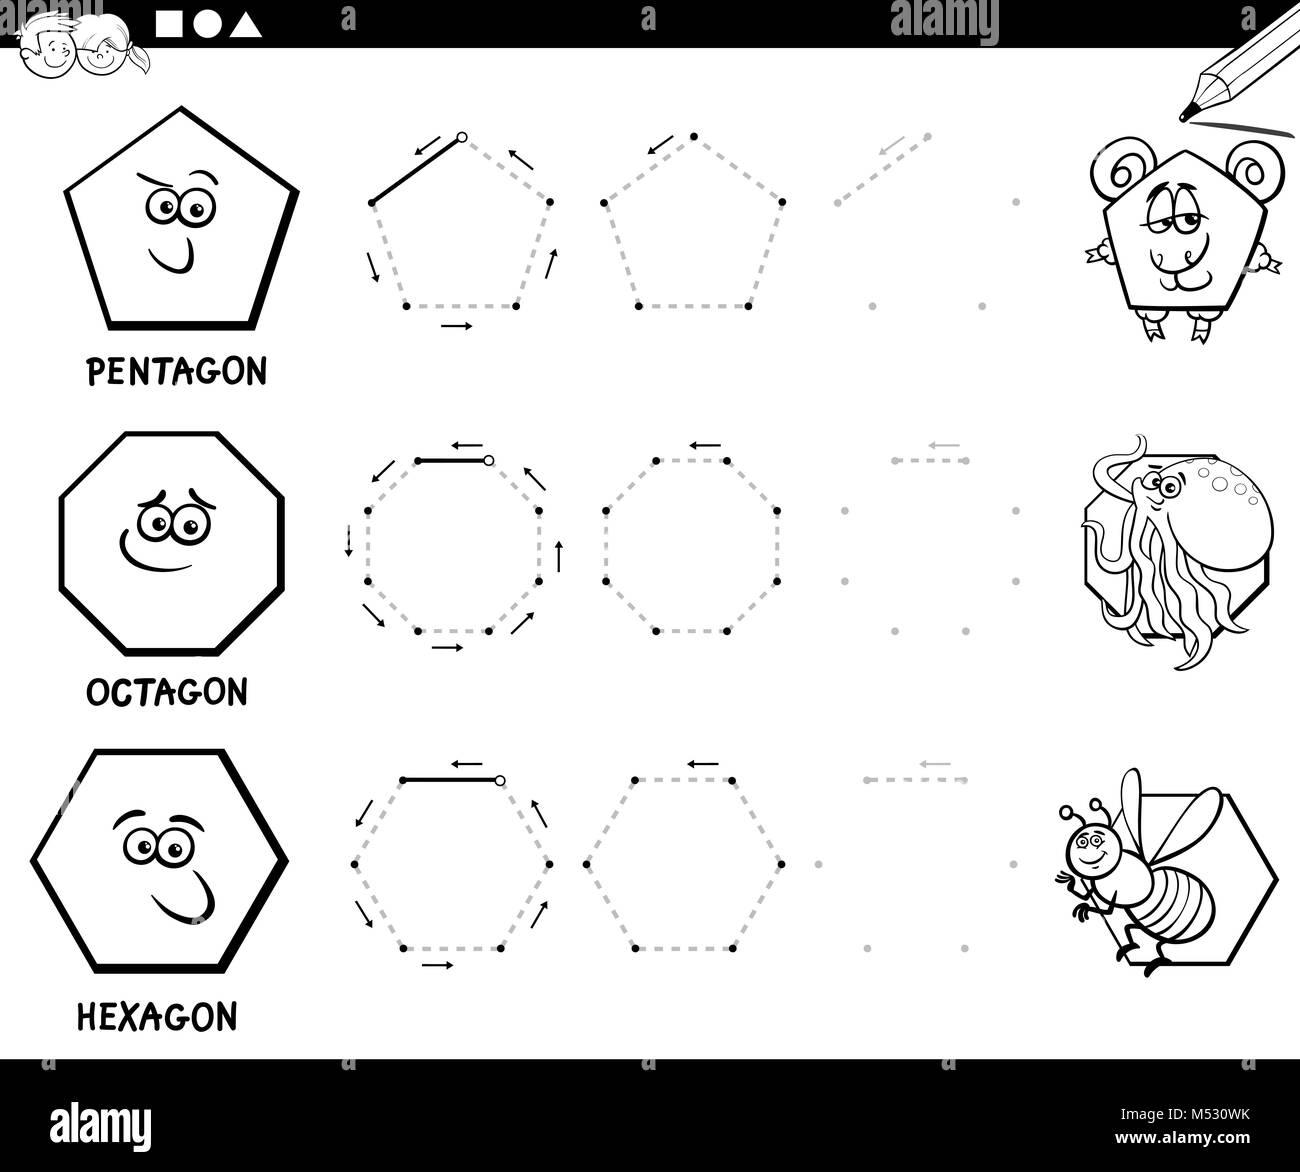 Groß Einfache Geometrische Malvorlagen Ideen - Druckbare Malvorlagen ...